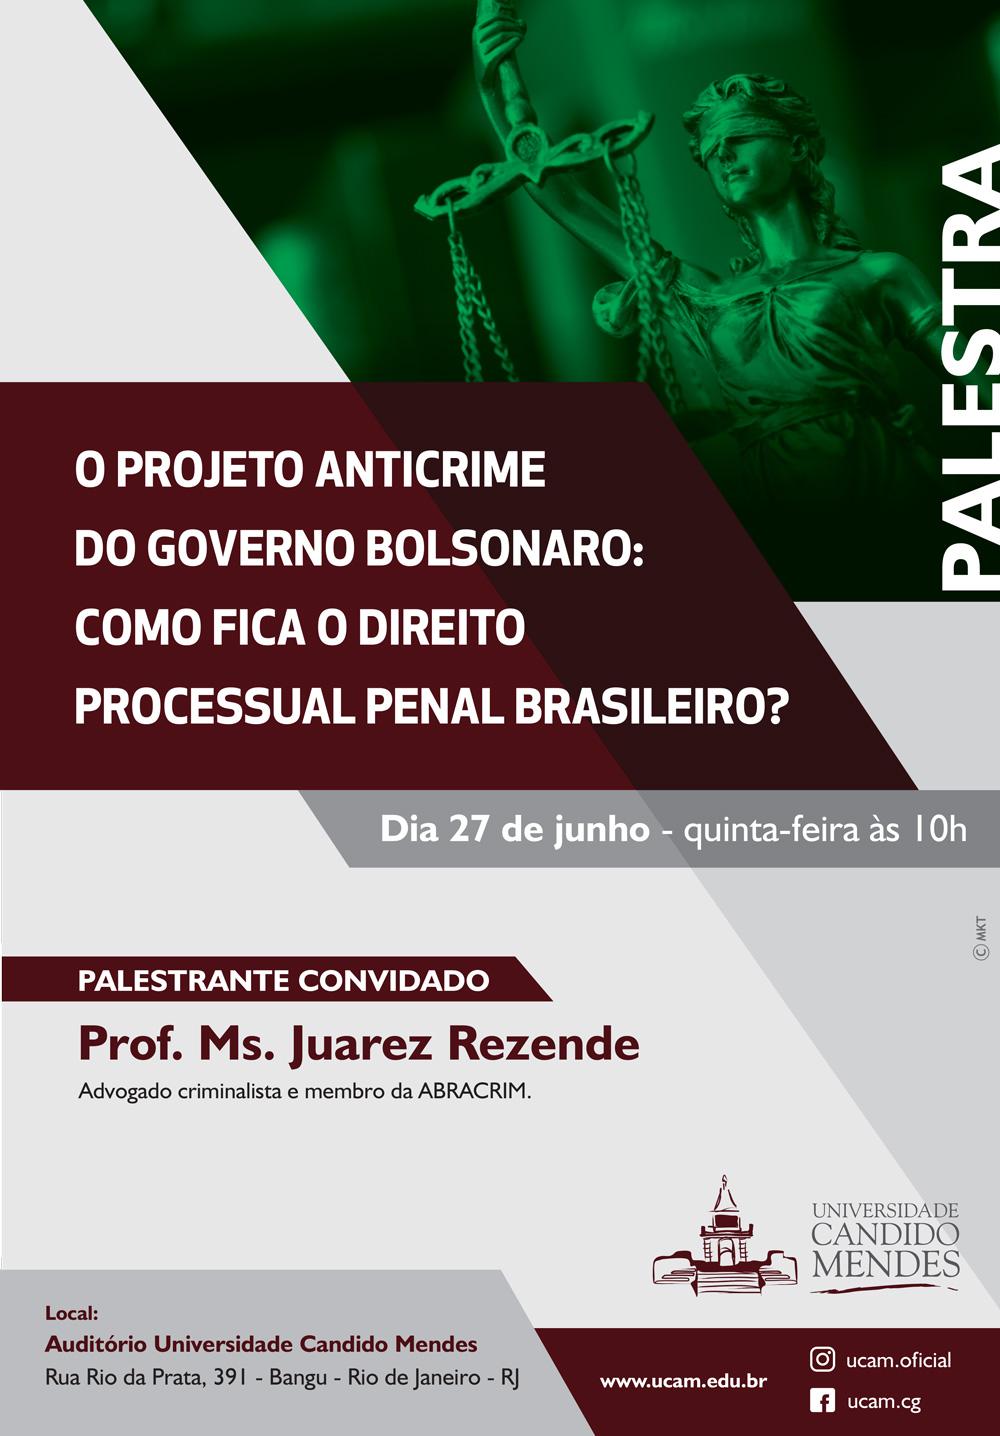 PALESTRA O PROJETO ANTICRIME DO GOVERNO